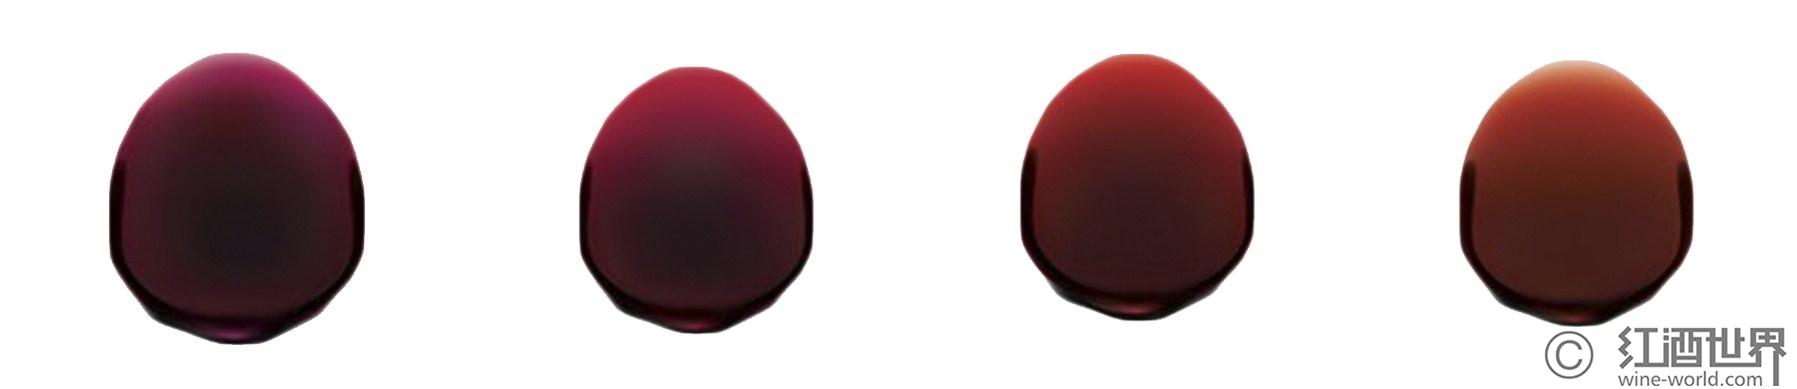 解惑帖:葡萄酒就是红酒吗?